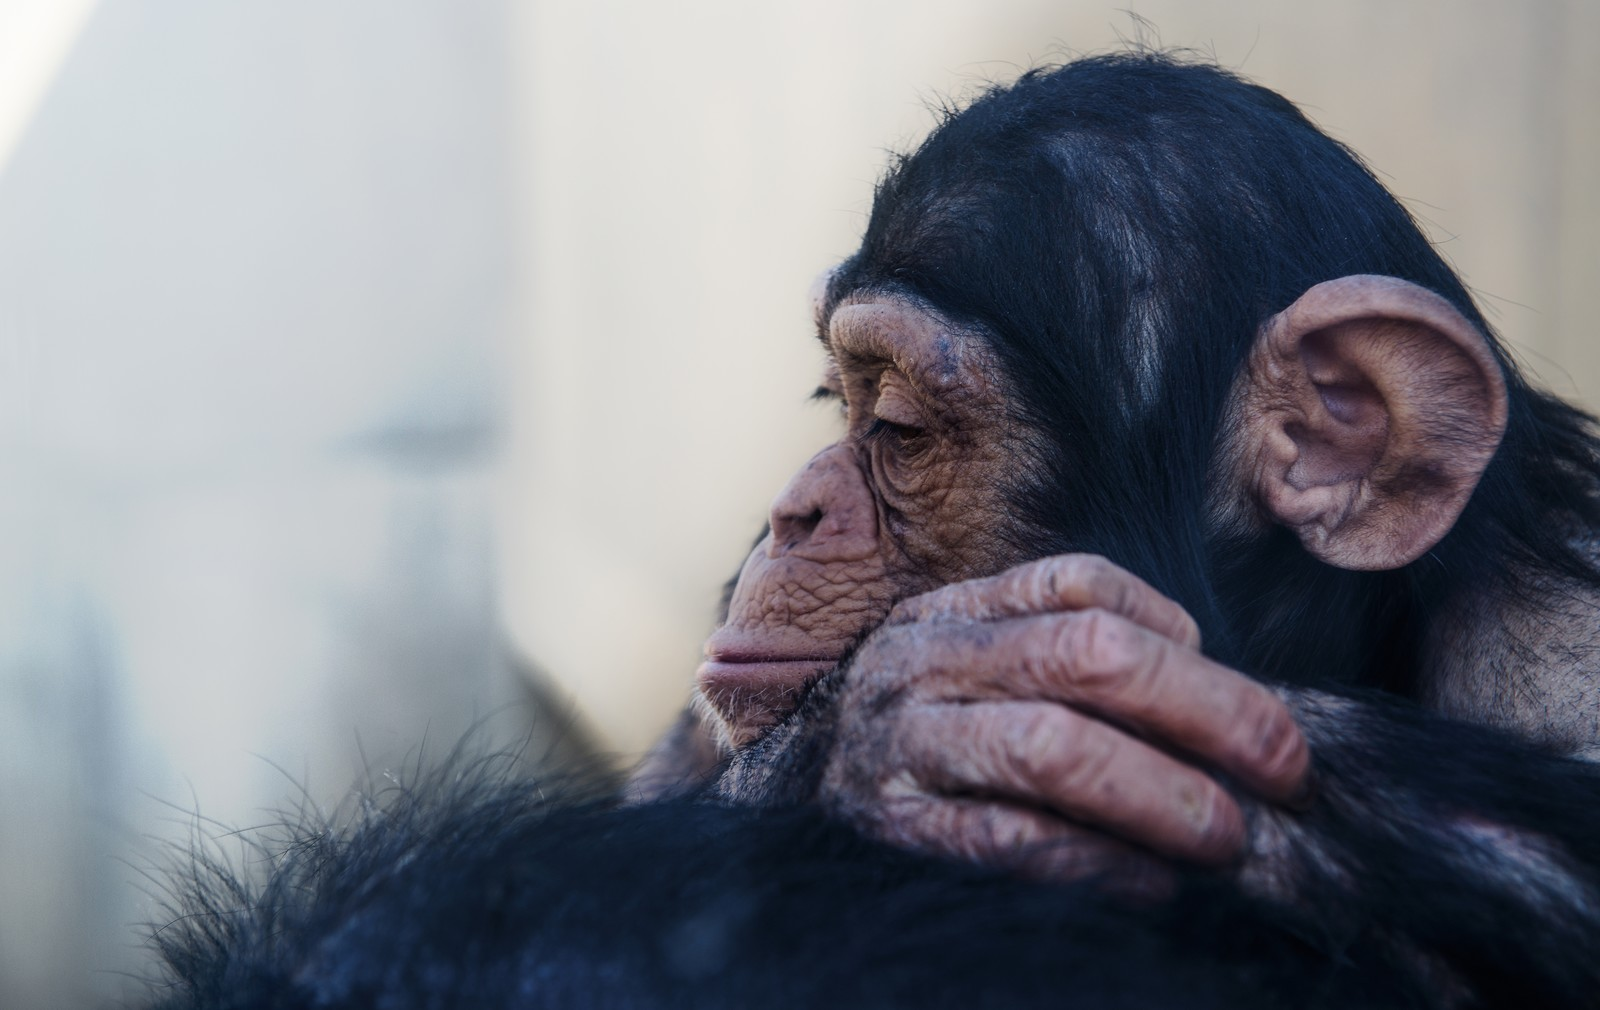 「落胆する表情のチンパンジー落胆する表情のチンパンジー」のフリー写真素材を拡大